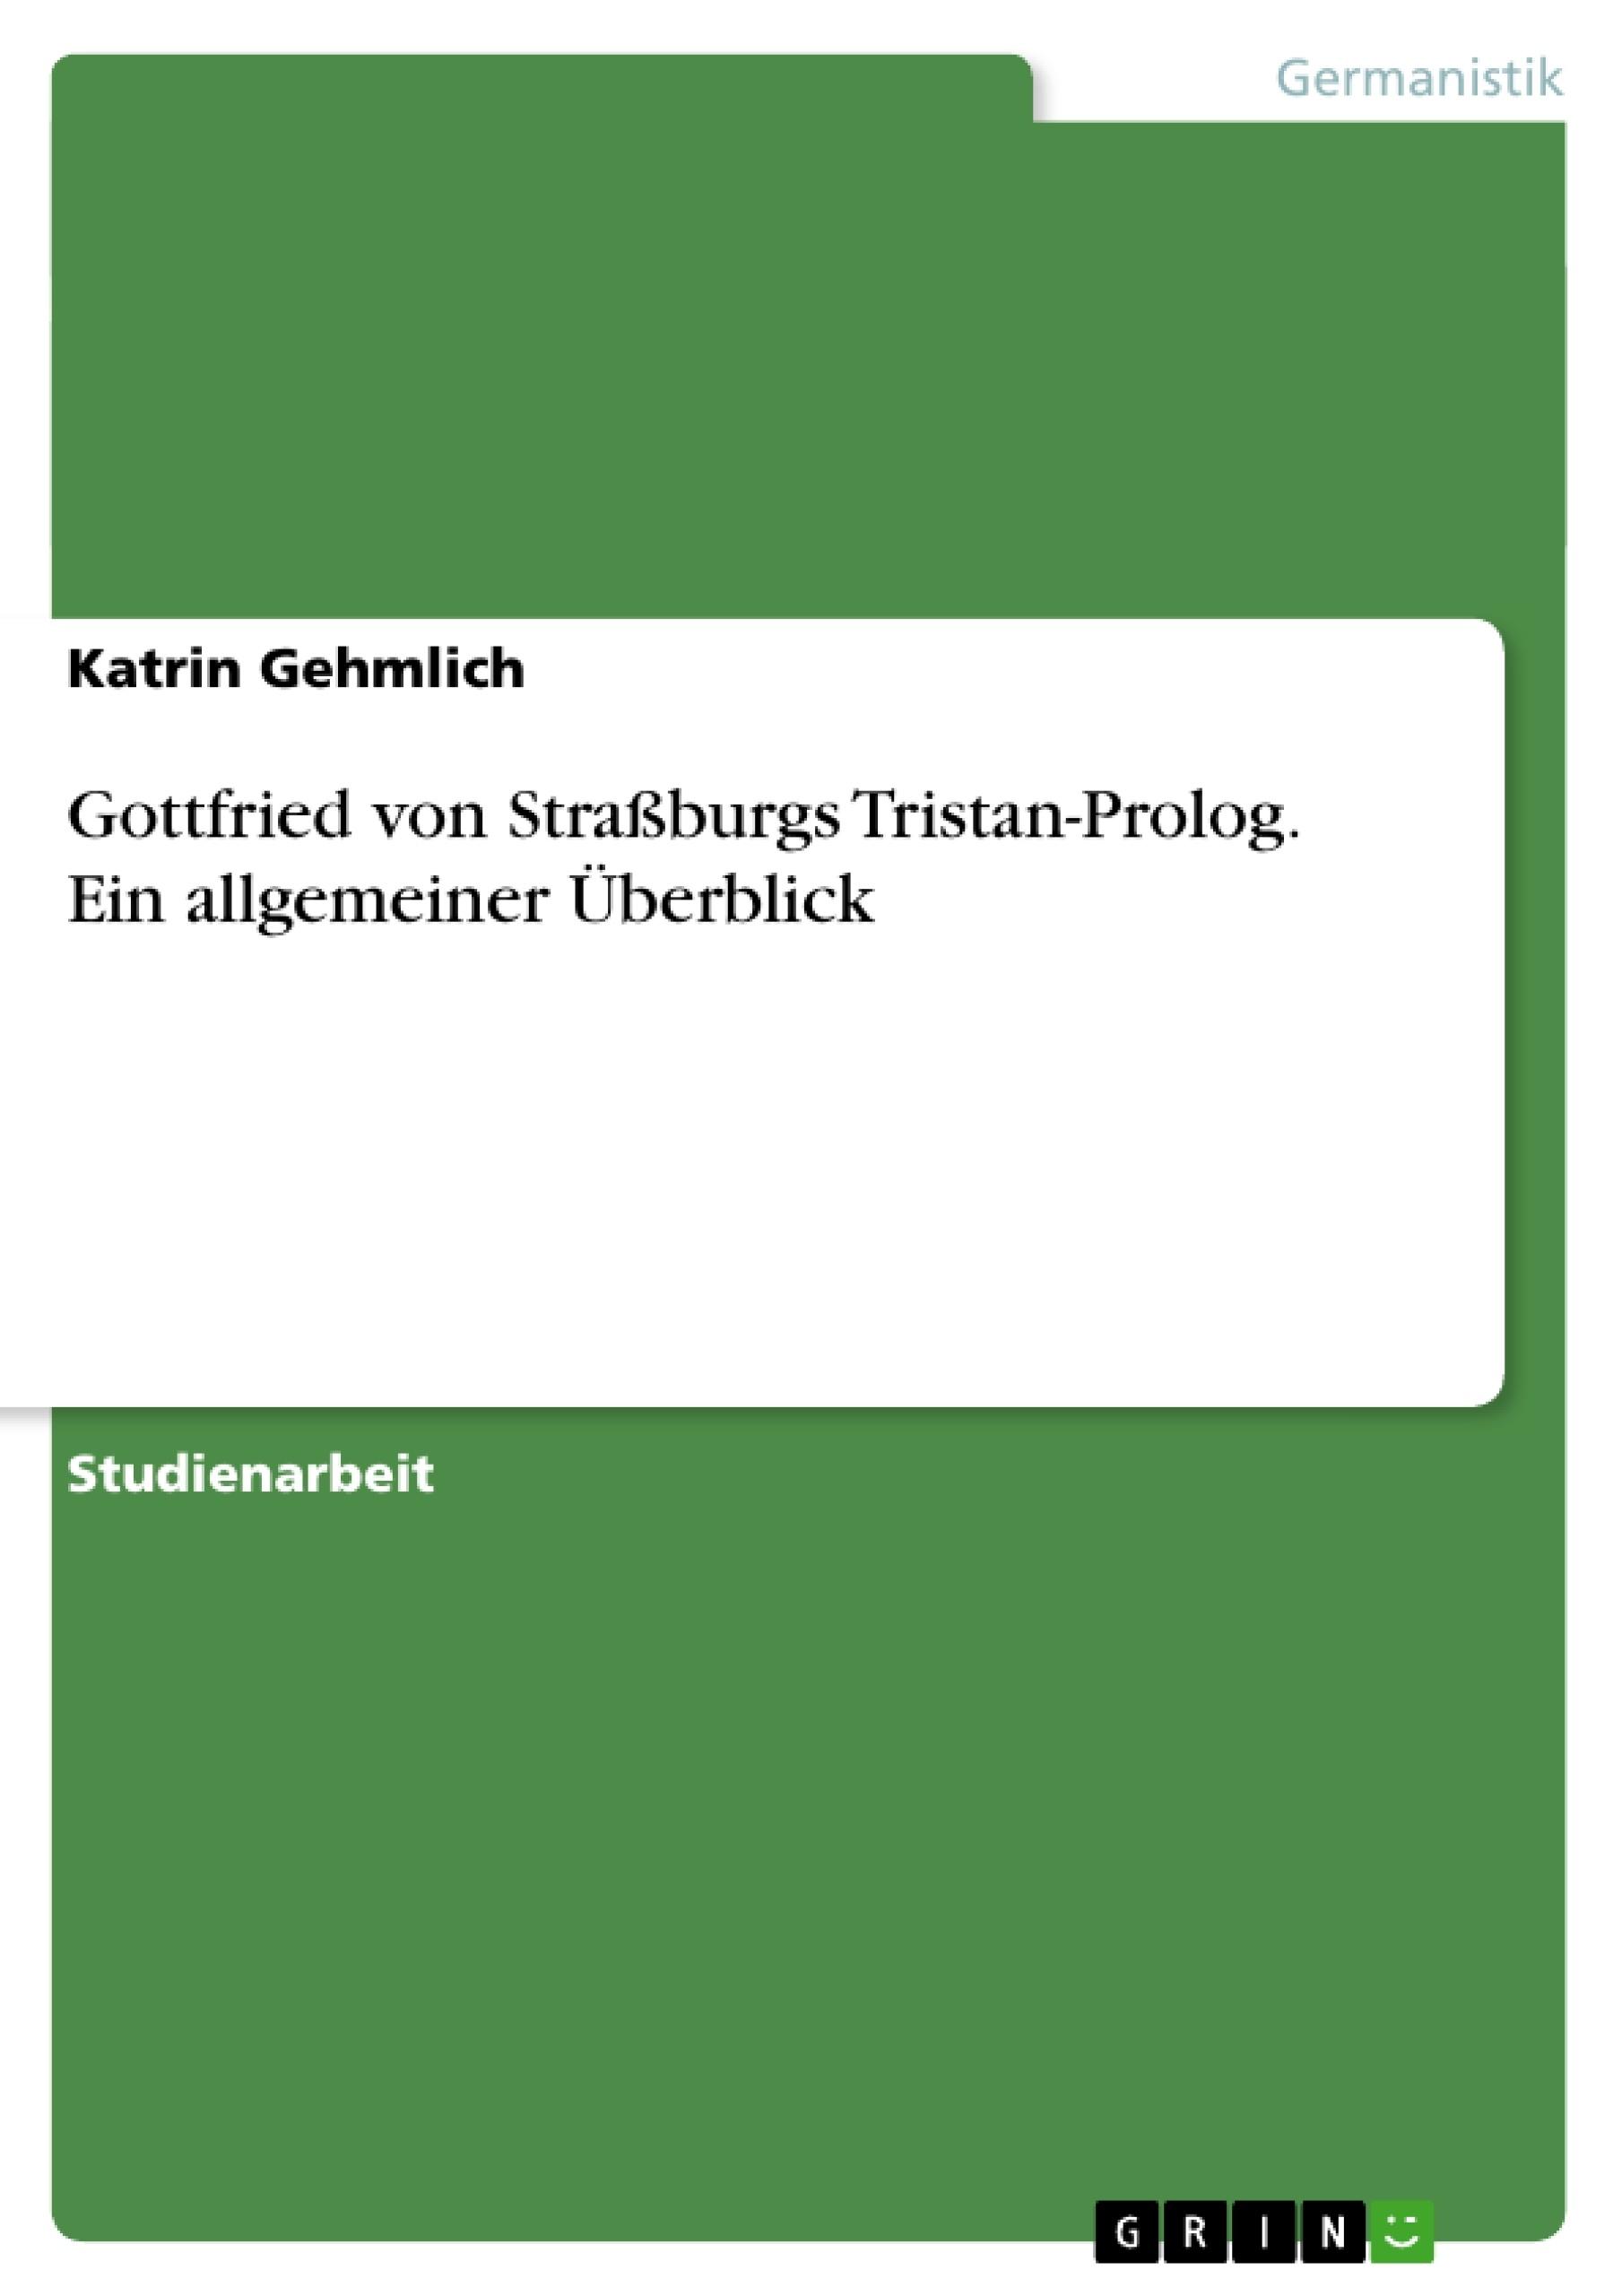 Titel: Gottfried von Straßburgs Tristan-Prolog. Ein allgemeiner Überblick